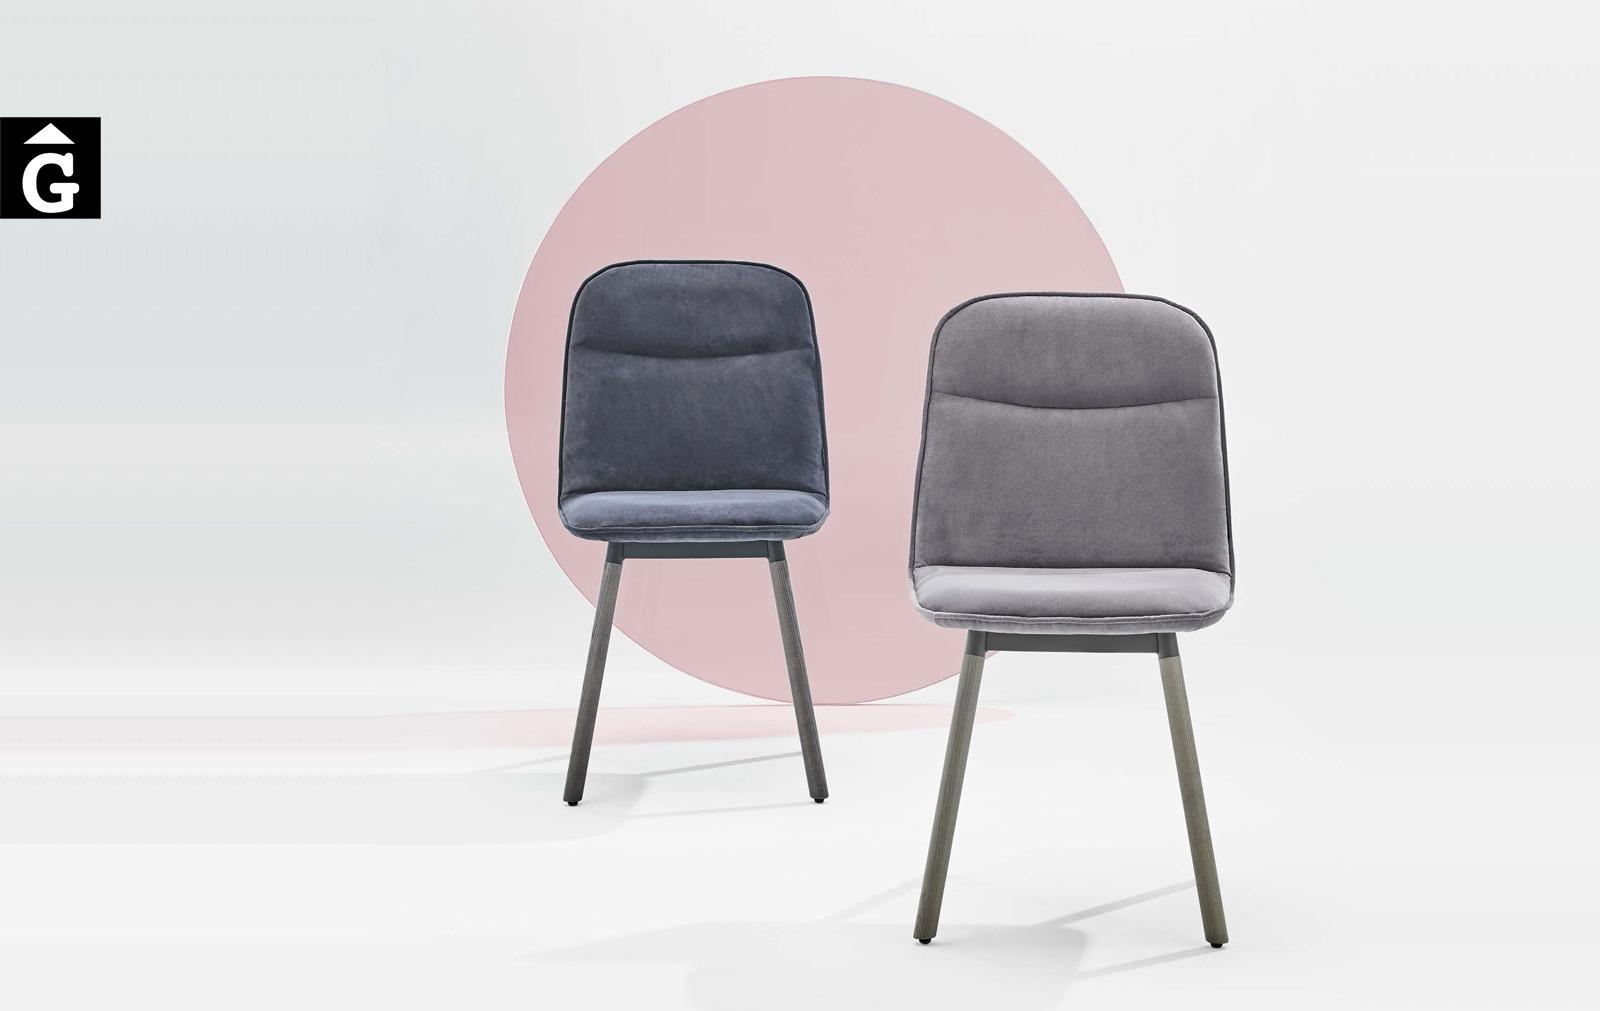 Köln Wooden cadira pota freixa massissa mobliberica per mobles Gifreu Porqueres Girona Catalunya Taules Cadires Sillons Butaques-Recovered